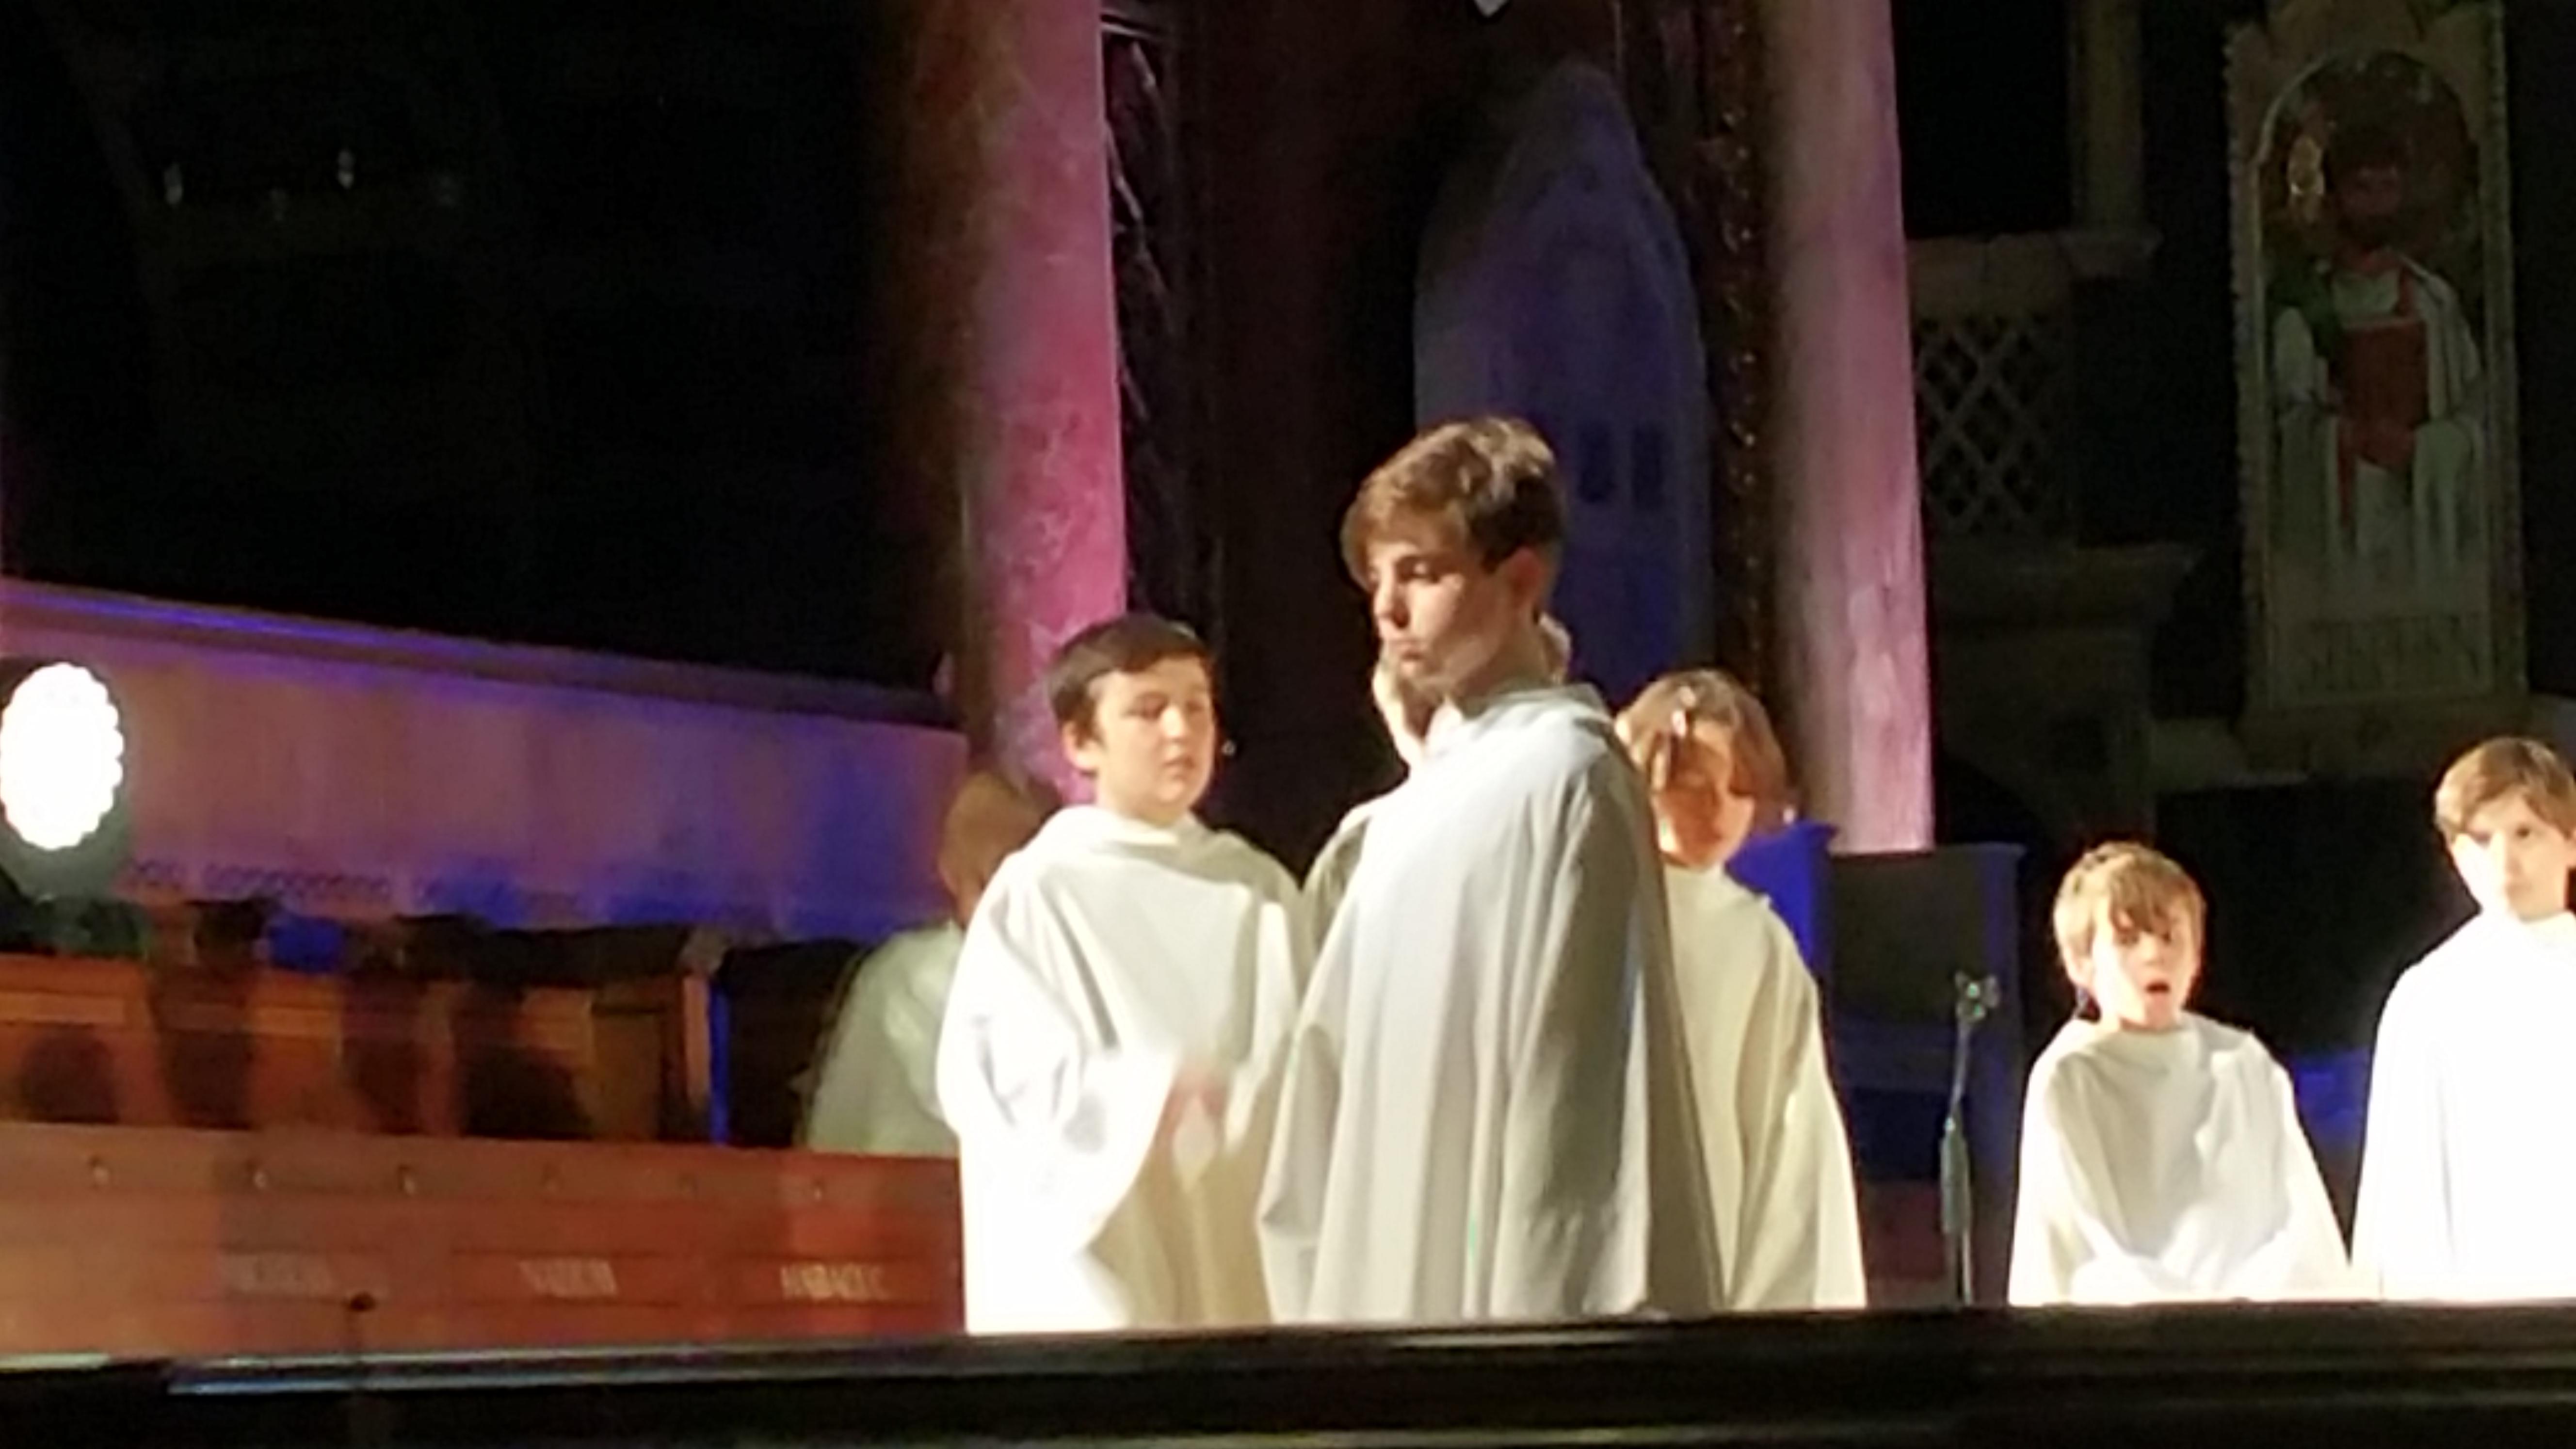 Concert à la cathédrale de Westminster (initialement St George's) le 1er décembre 2017 - Page 3 80977320171201220358